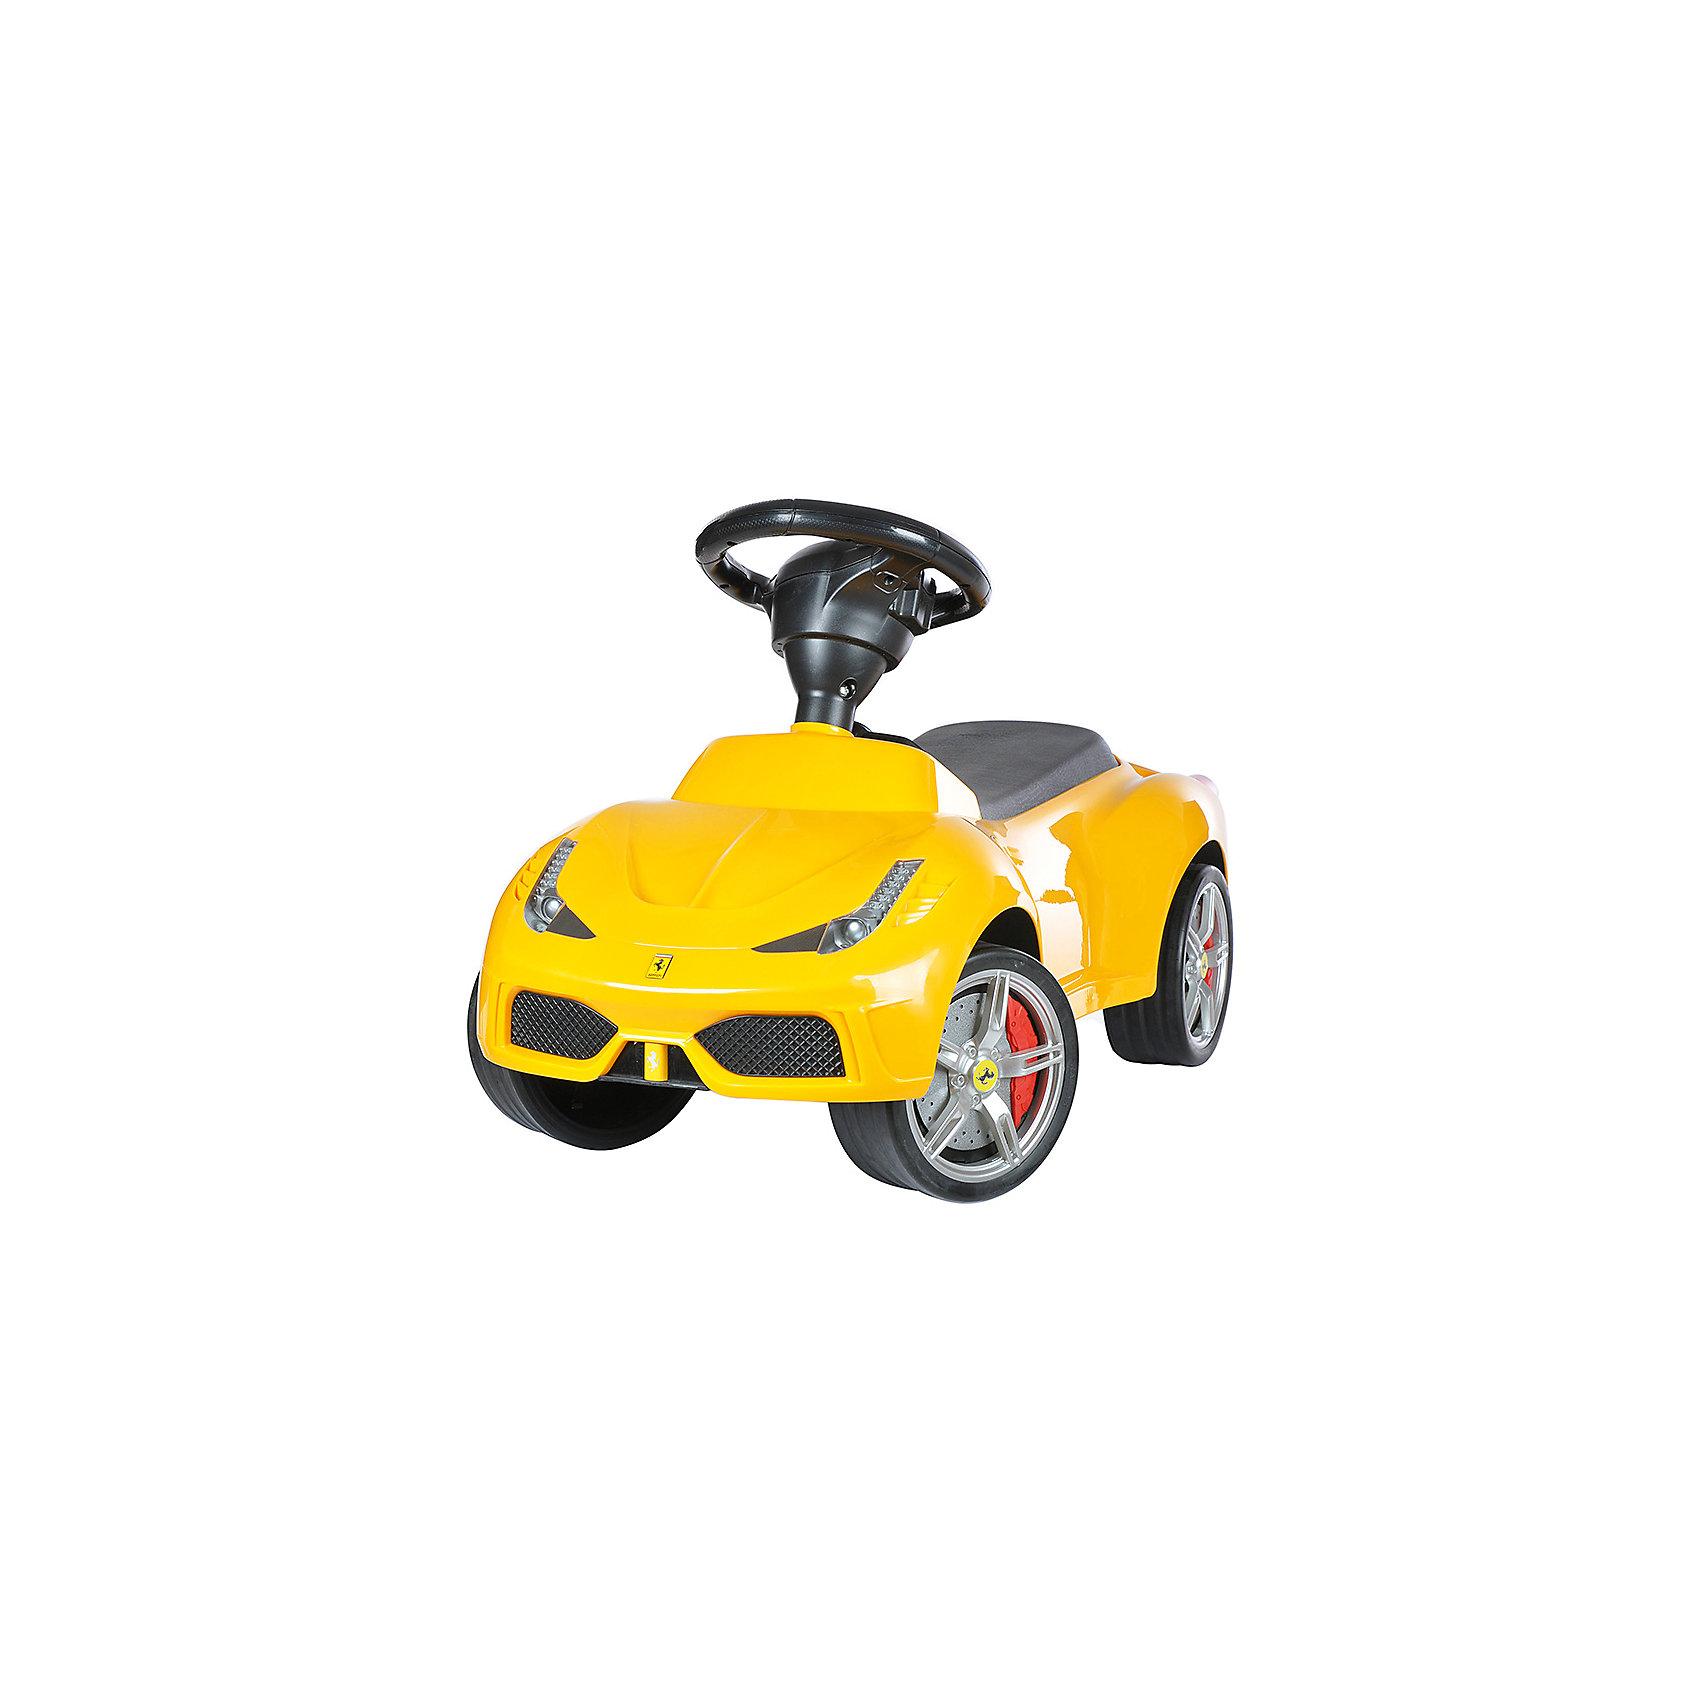 Каталка Ferrari 458 Speciale A, желтый, RASTARКаталка Ferrari 458 Speciale A, желтый, RASTAR - осчастливьте своего ребенка безопасной детской машиной.<br>Благодаря тому, что каталка имеет устойчивую конструкцию и колеса с поворотом на 90 градусов, она полностью безопасна для ребенка, даже если он любит быструю езду.  На руле есть кнопка для звукового сигнала. Ход машины очень плавный, может ездить вперед и назад. Есть вместительный багажник для игрушек или вещей, под сиденьем. Машина сделана под марку «Ferrari» с сидениями из искусственной кожи.<br><br>Дополнительная информация:<br><br>- вес: 3,8 кг<br>- возраст: от 1 до 3 лет<br>- максимальный вес: до 30 кг<br>- цвет: желтый<br><br>Каталку Ferrari 458 Speciale A, желтый, RASTAR можно купить в нашем интернет магазине.<br><br>Ширина мм: 650<br>Глубина мм: 350<br>Высота мм: 300<br>Вес г: 3800<br>Возраст от месяцев: 12<br>Возраст до месяцев: 36<br>Пол: Унисекс<br>Возраст: Детский<br>SKU: 4995158